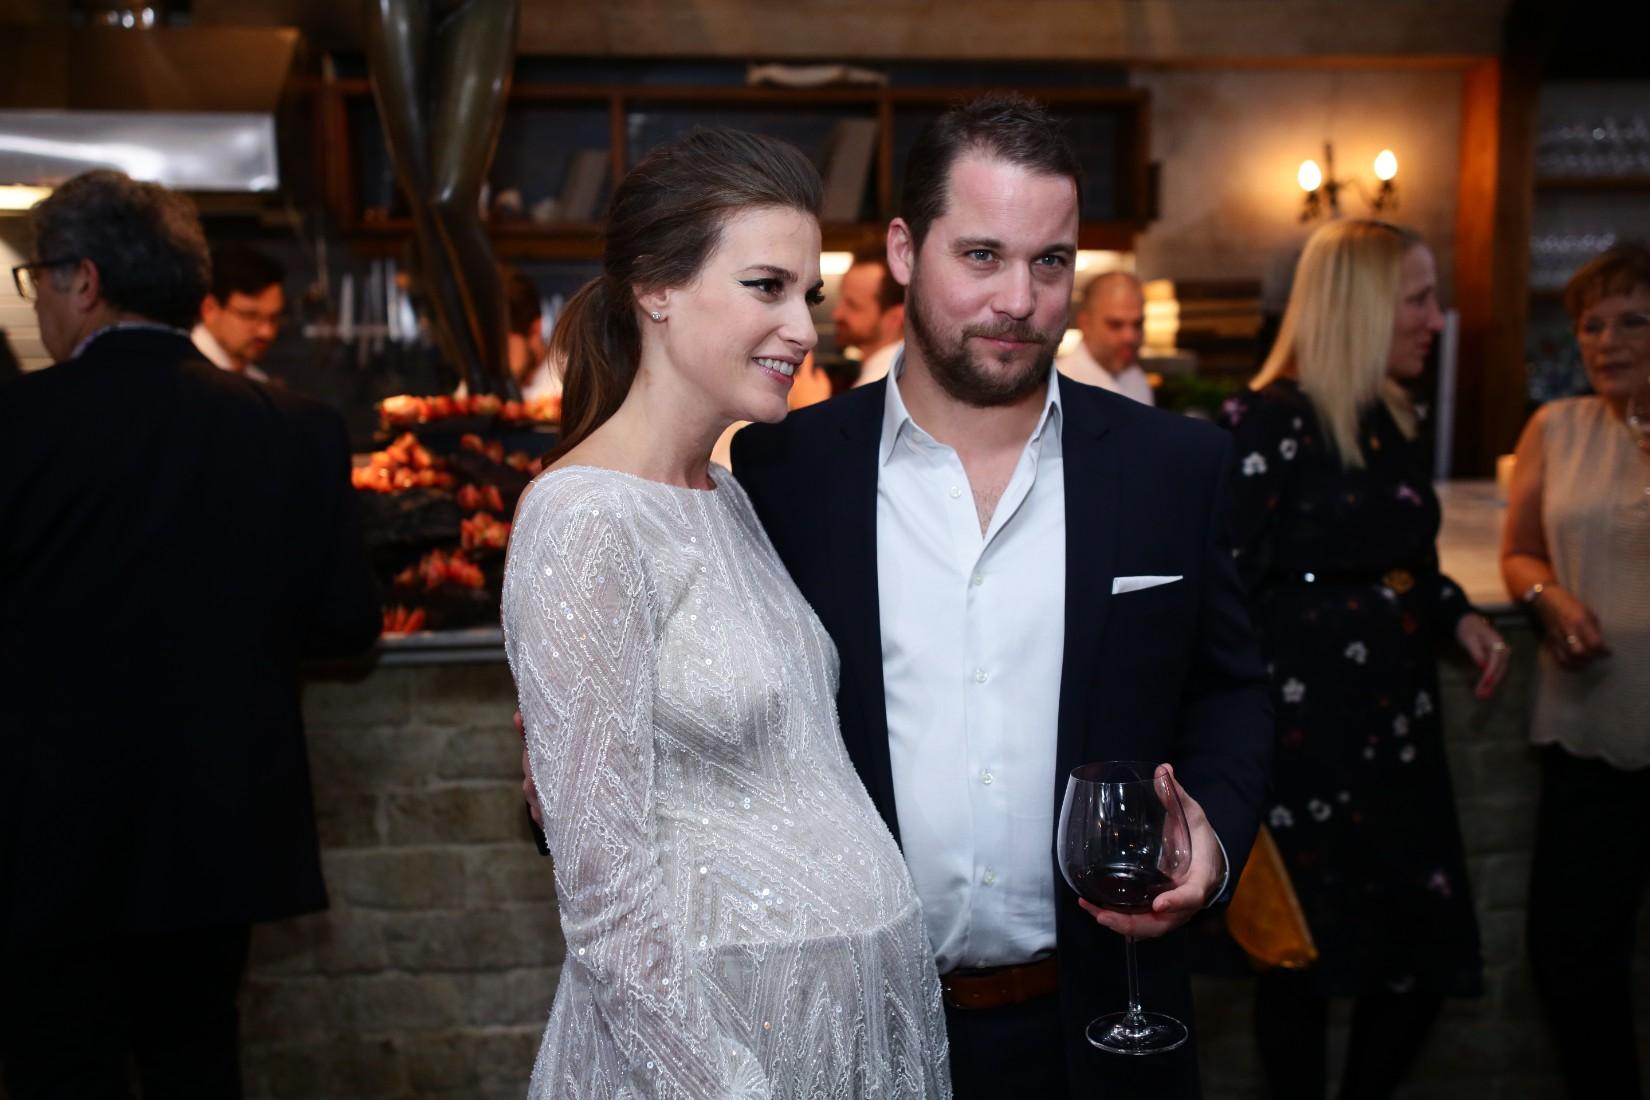 רגע לפני הלידה: וויקנד החתונה של רונה ויובל